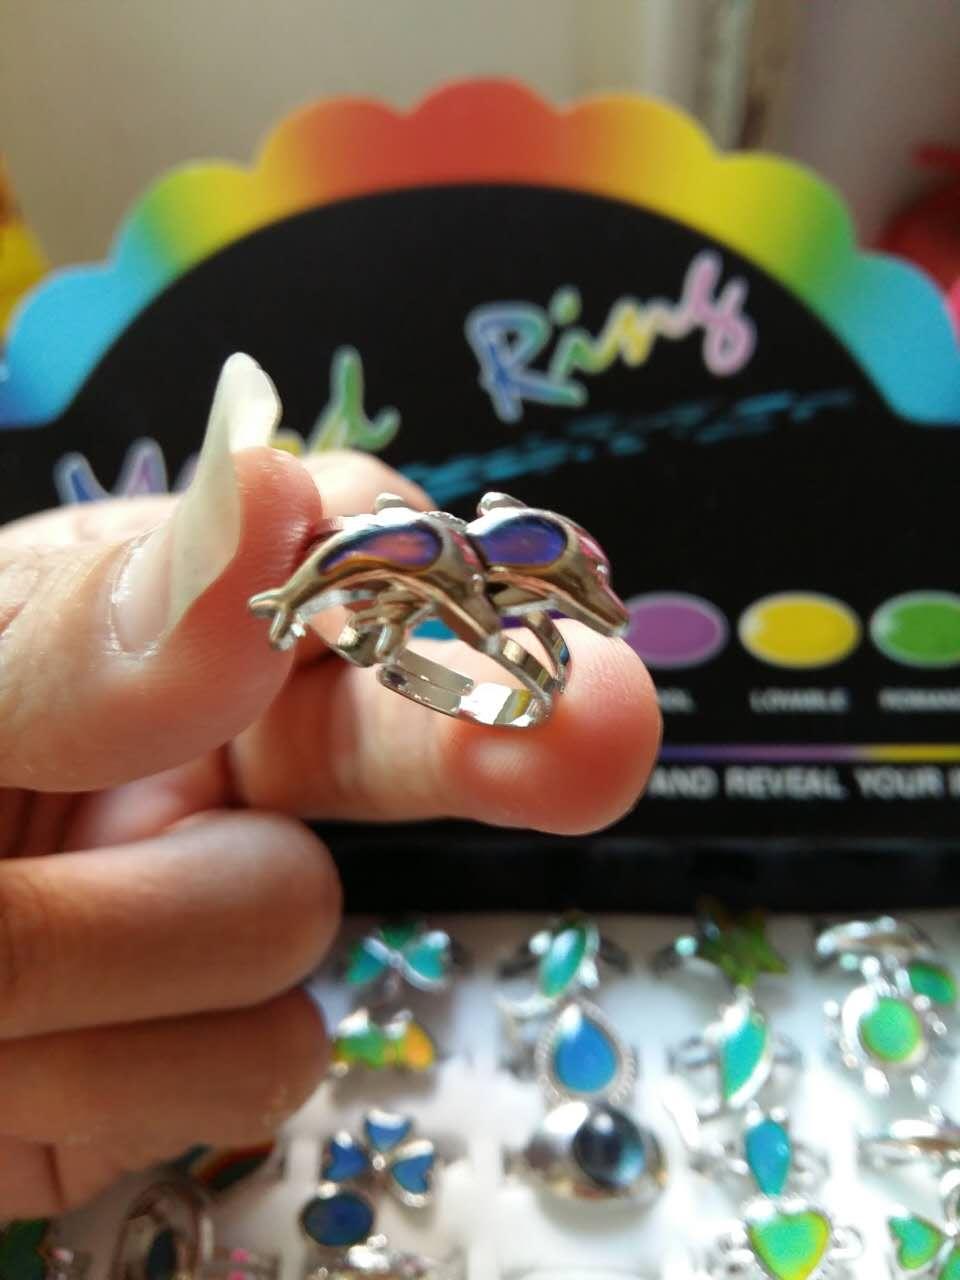 Disegno misto mood anello aperto delfini anello cuori farfalla aragosta volto sorridente chang anello di colore-in Anelli da Gioielli e accessori su  Gruppo 3